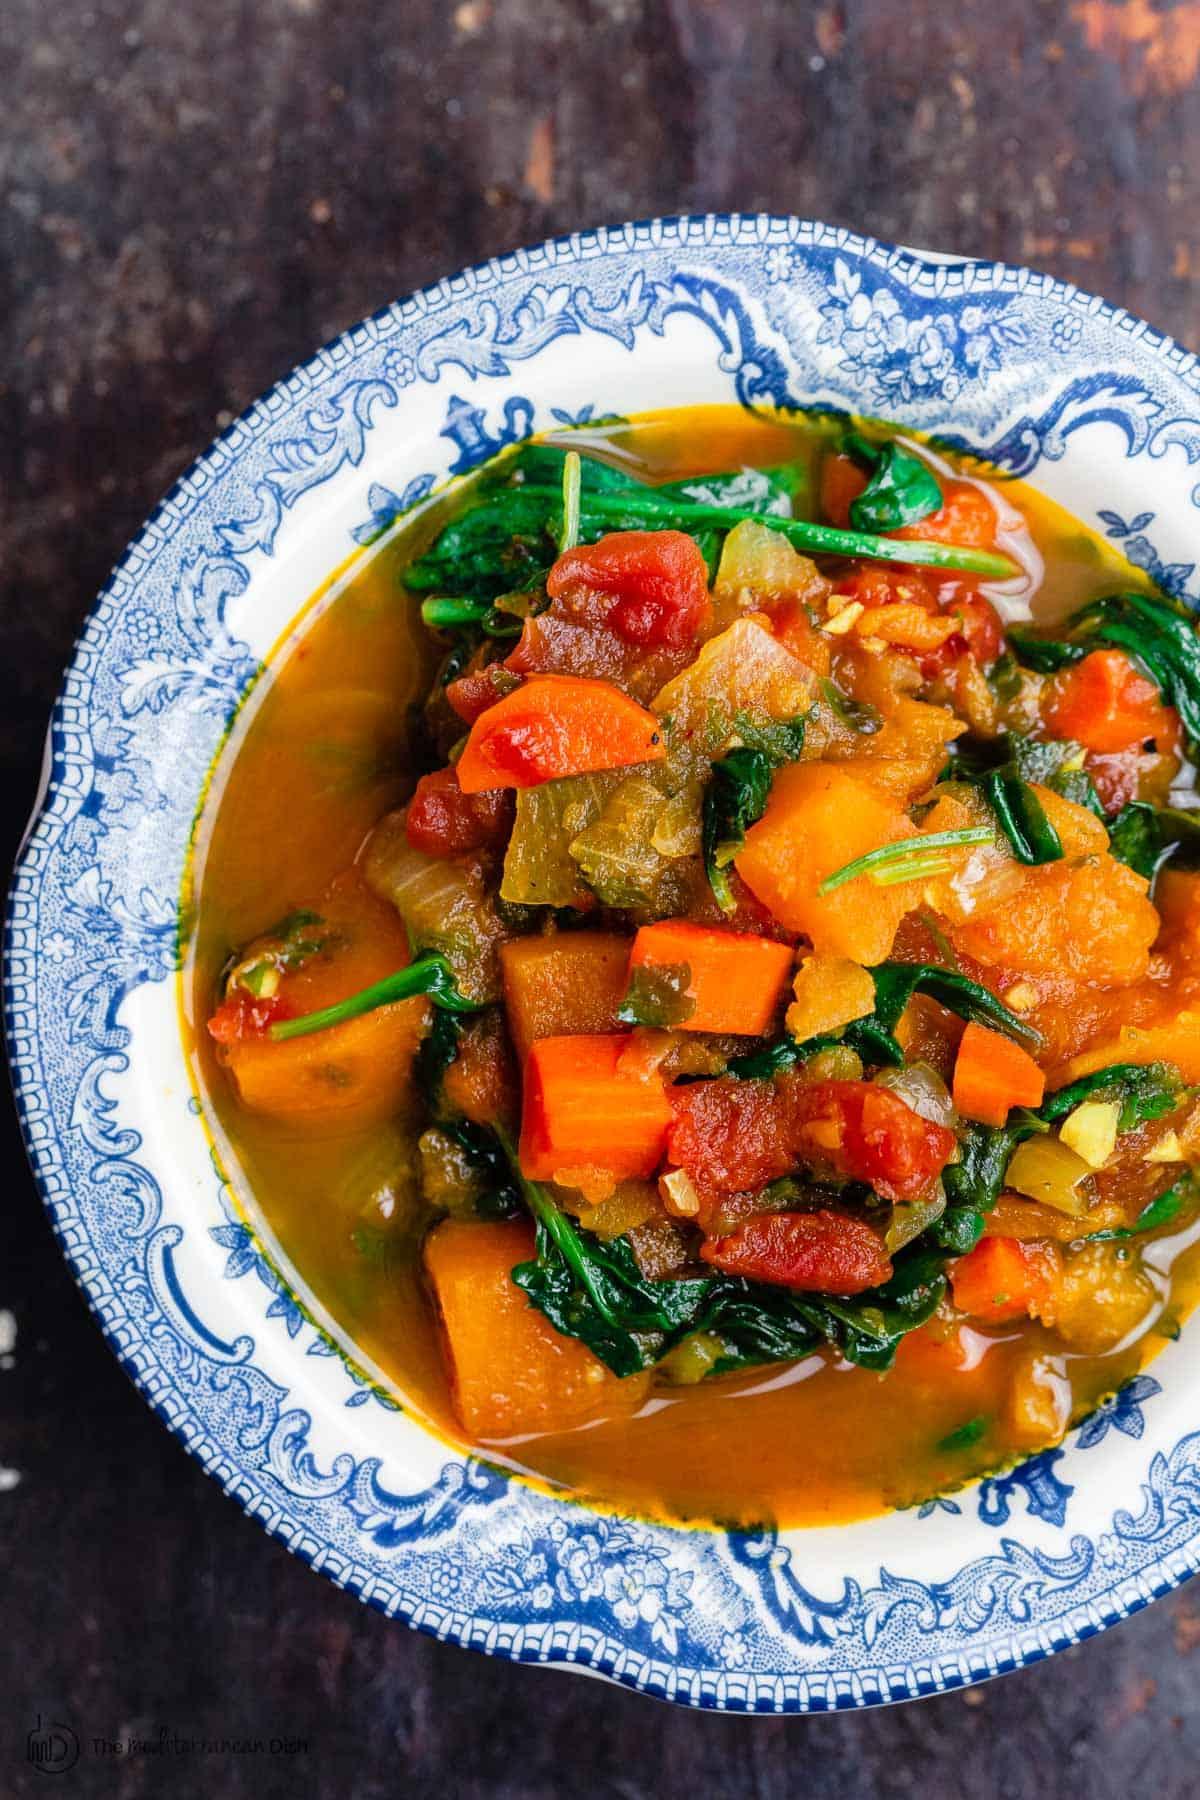 Bowl of vegetarian sweet potato stew